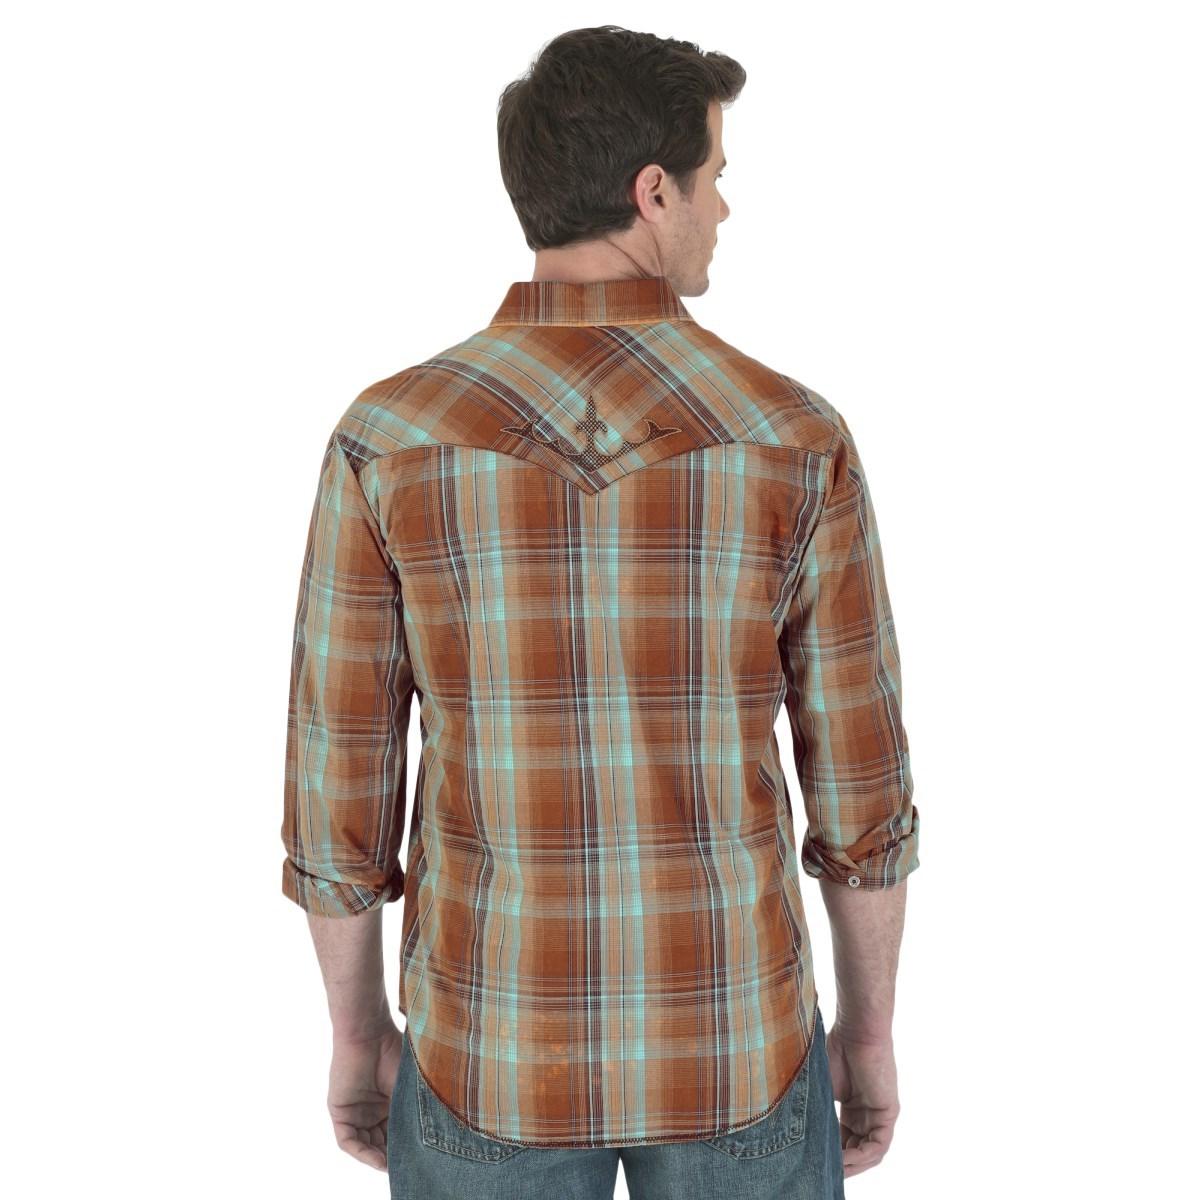 Wrangler Rock 47 >> Wrangler Rock 47 Western Shirt (For Men) - Save 79%